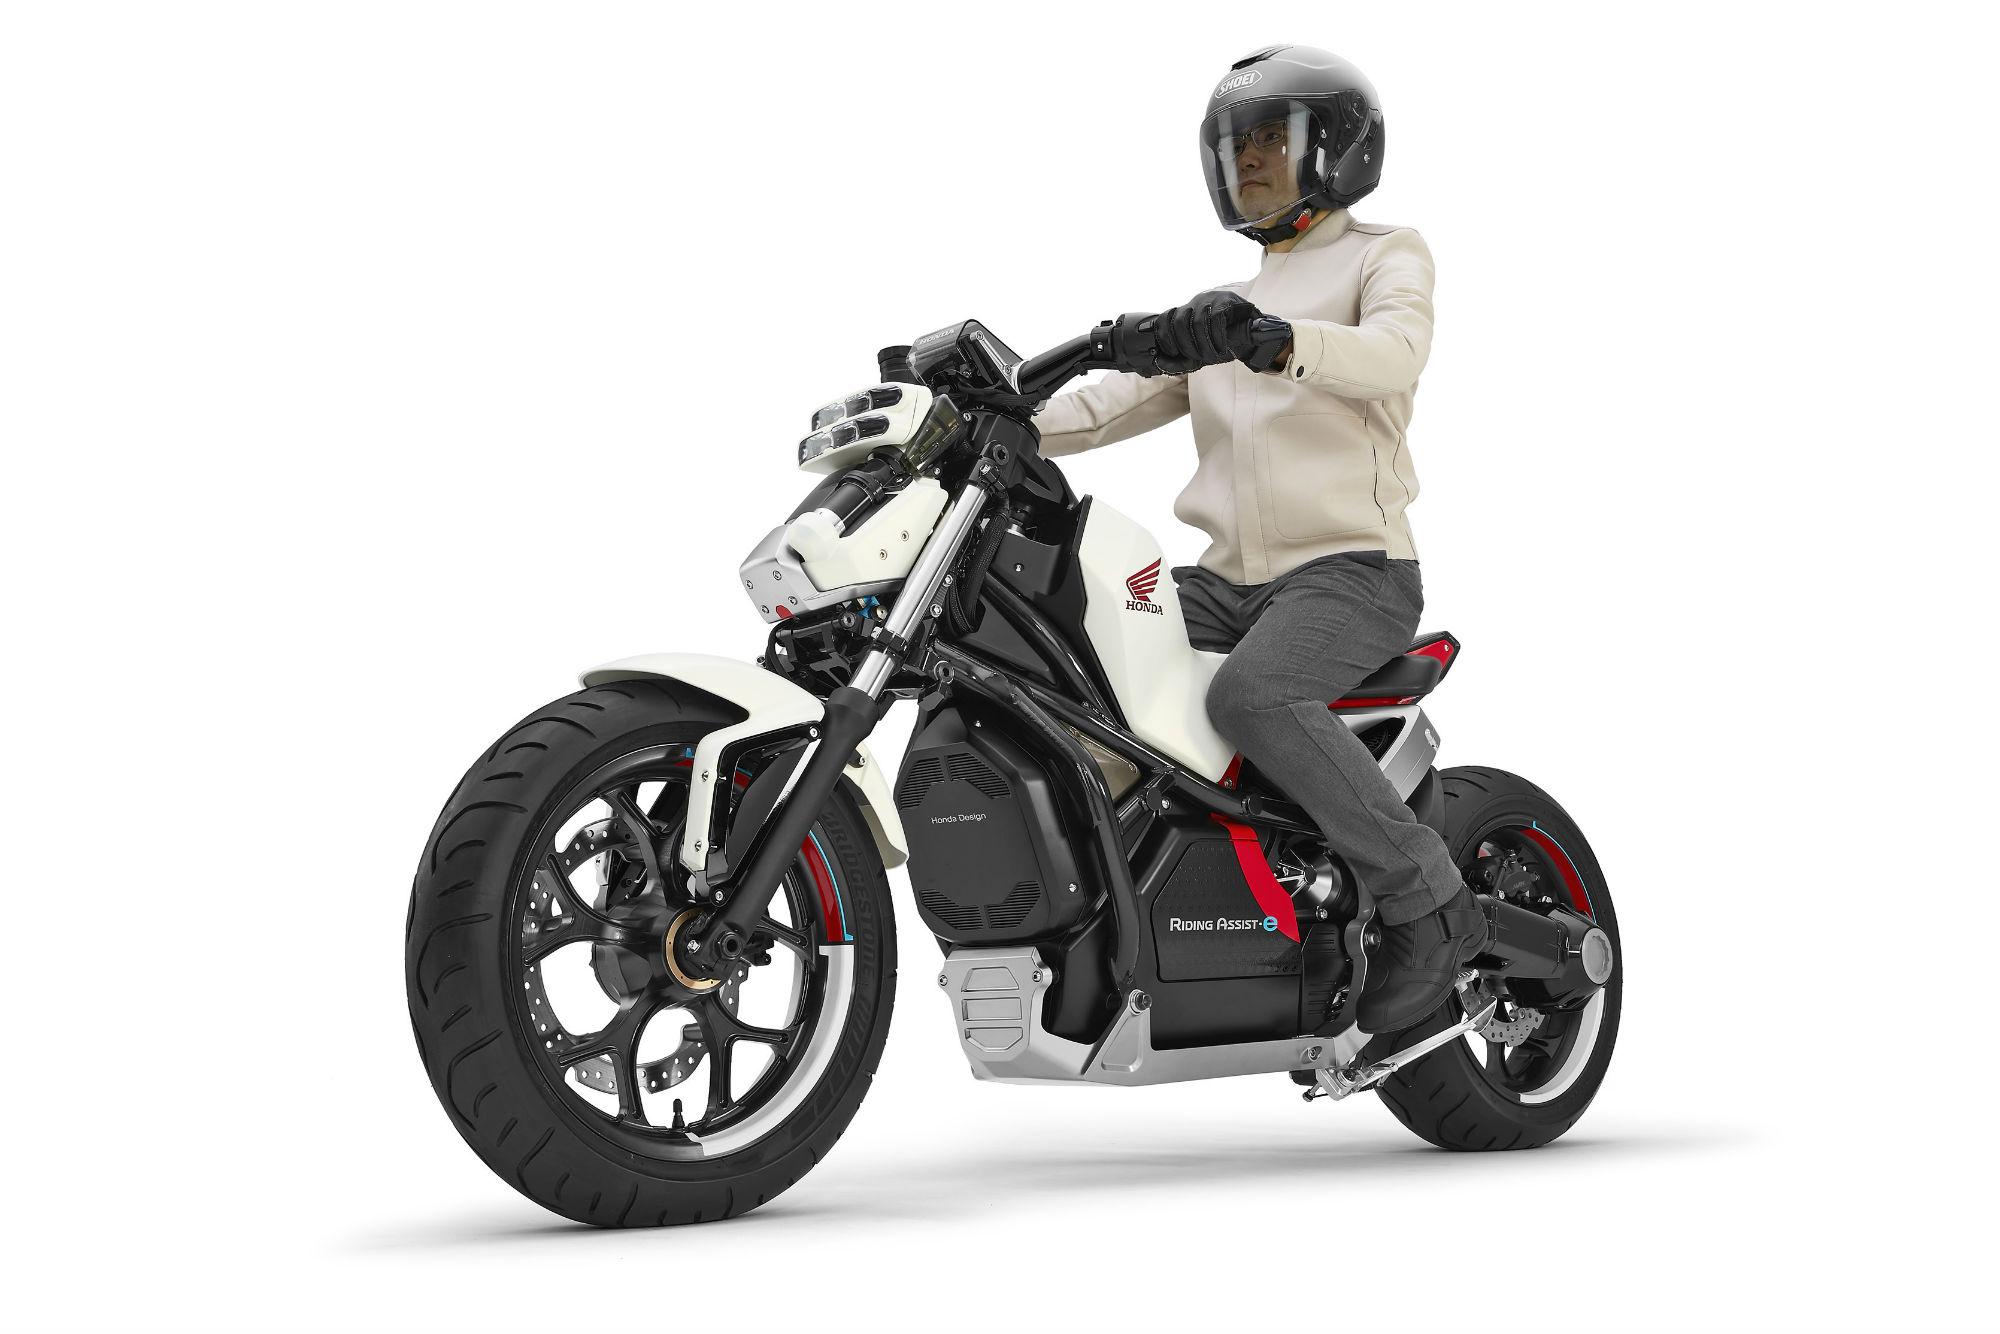 Honda Riding Assist-e